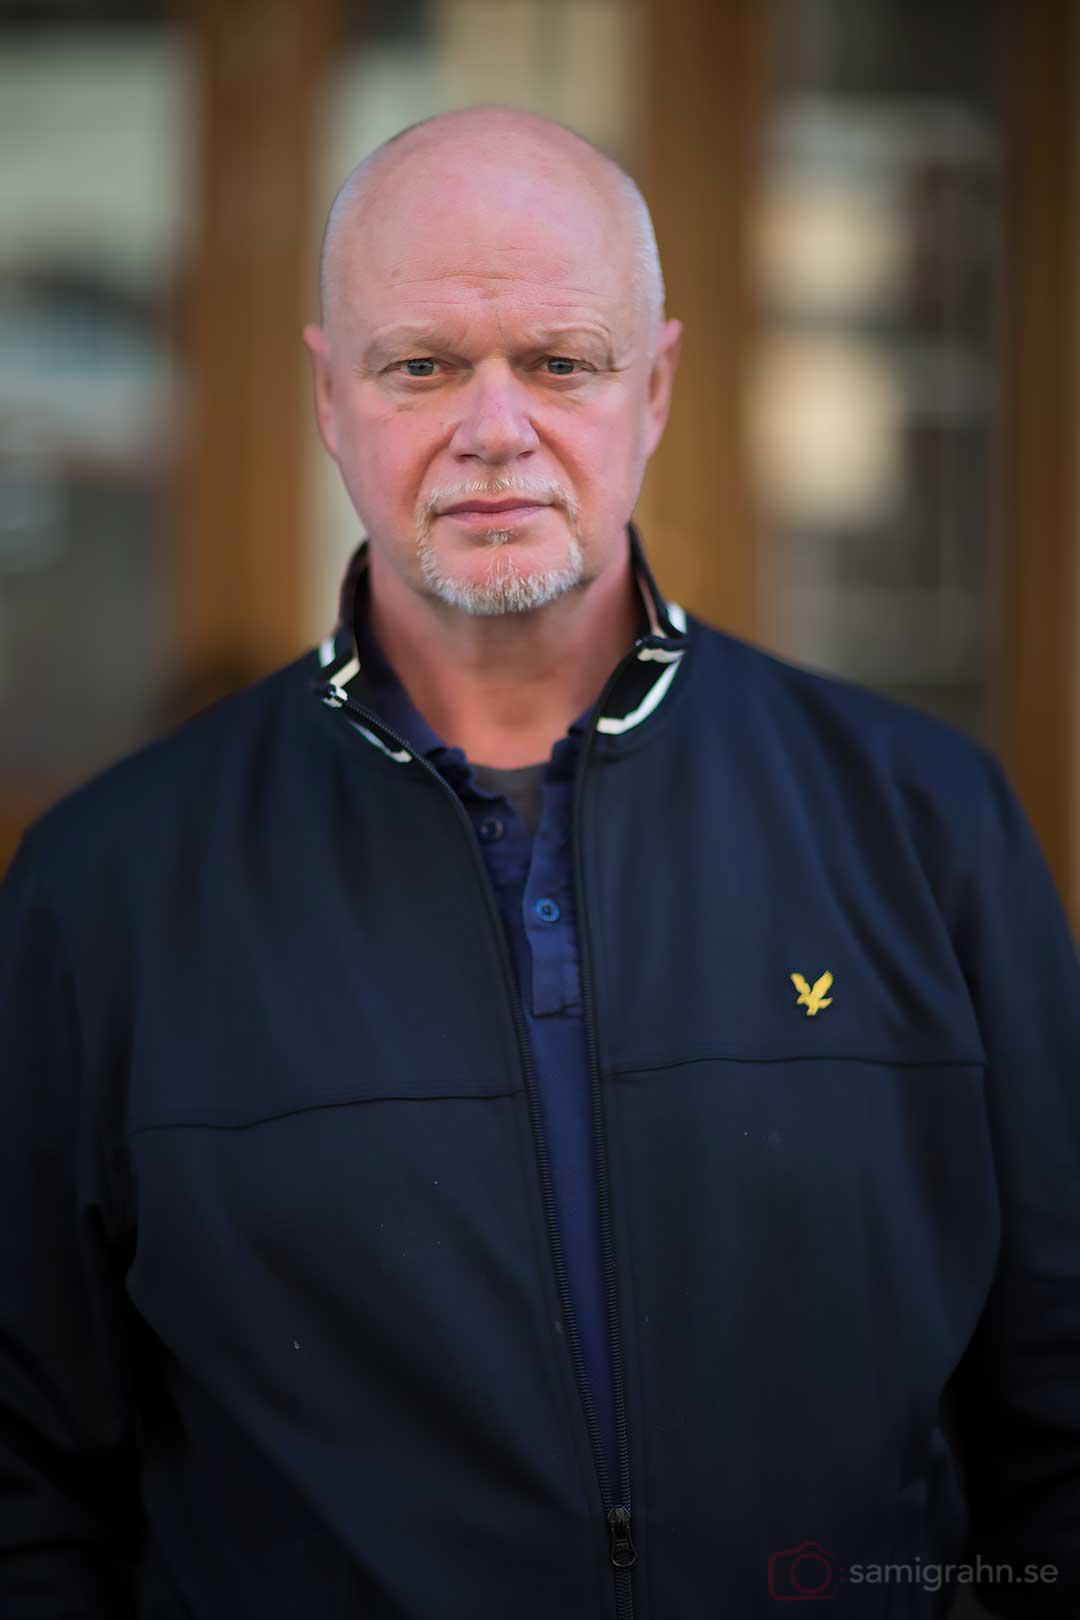 Roger Melin headcoach Linköping